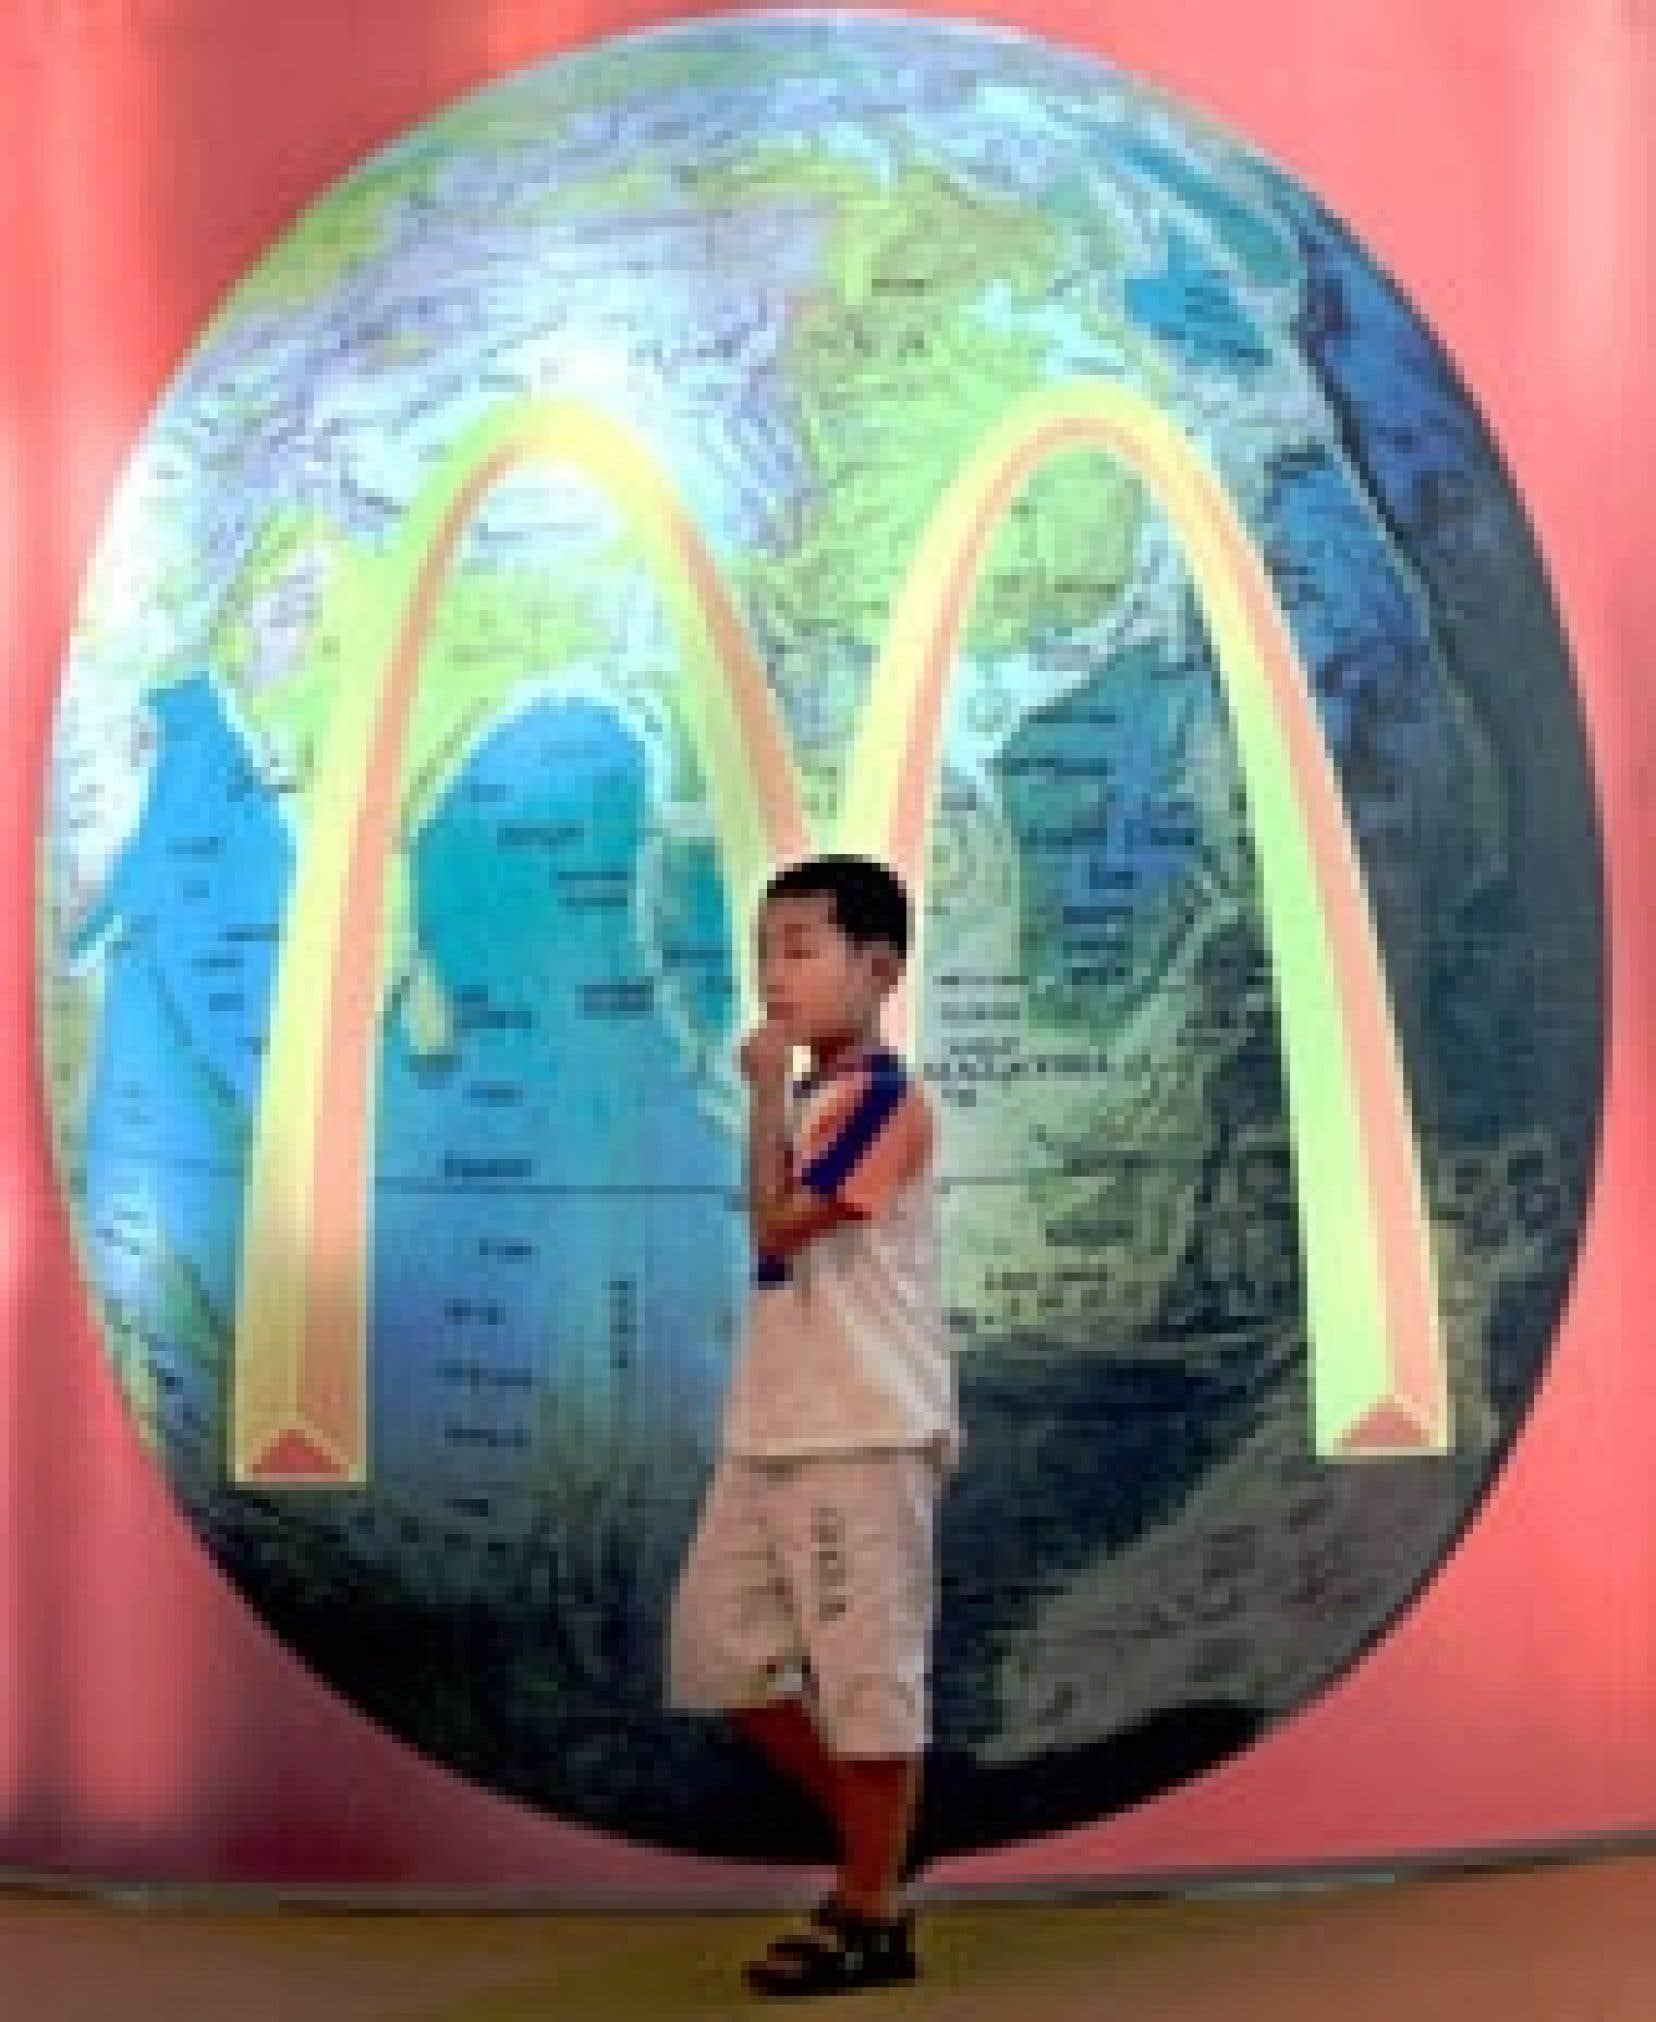 Un jeune Chinois devant une affiche soulignant l'ouverture d'un McDonald à Pékin. En janvier dernier McDonald's dévoilait un bénéfice net de près de 2,3 milliards $US. L'action, tombée jusqu'à 12,50 $US en mars 2003, dépasse désormais